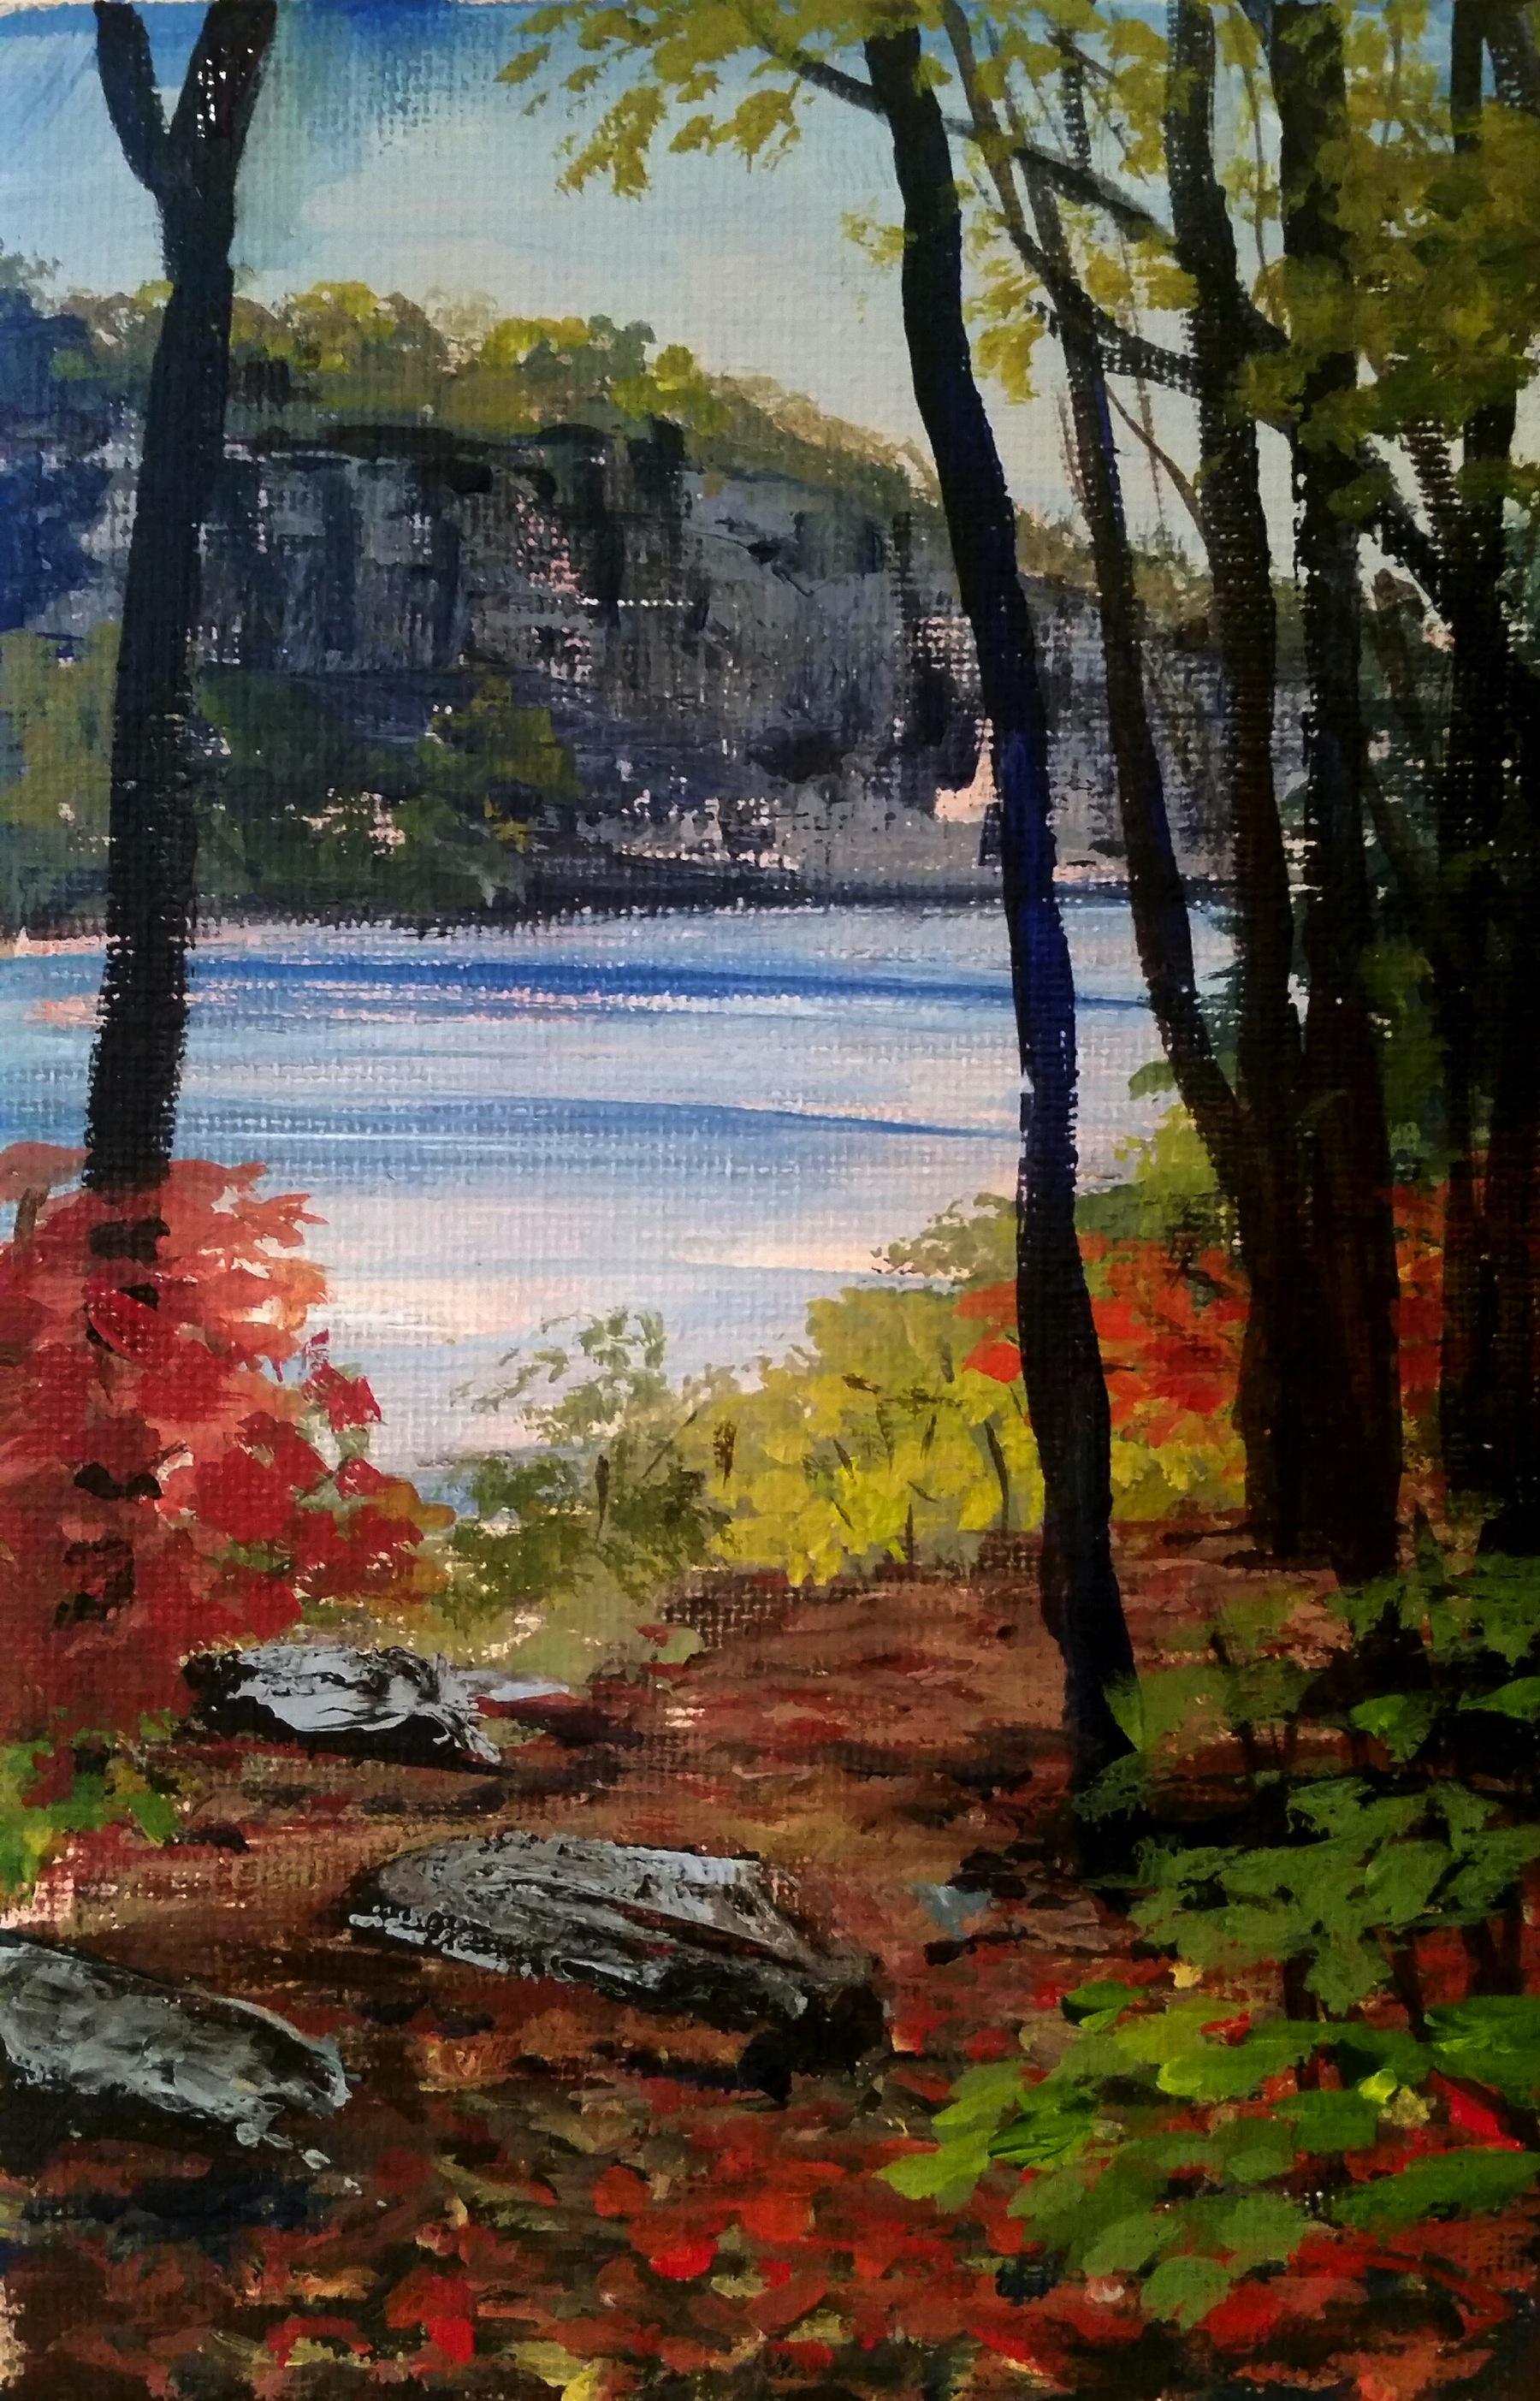 Niagara Gorge Trail 2